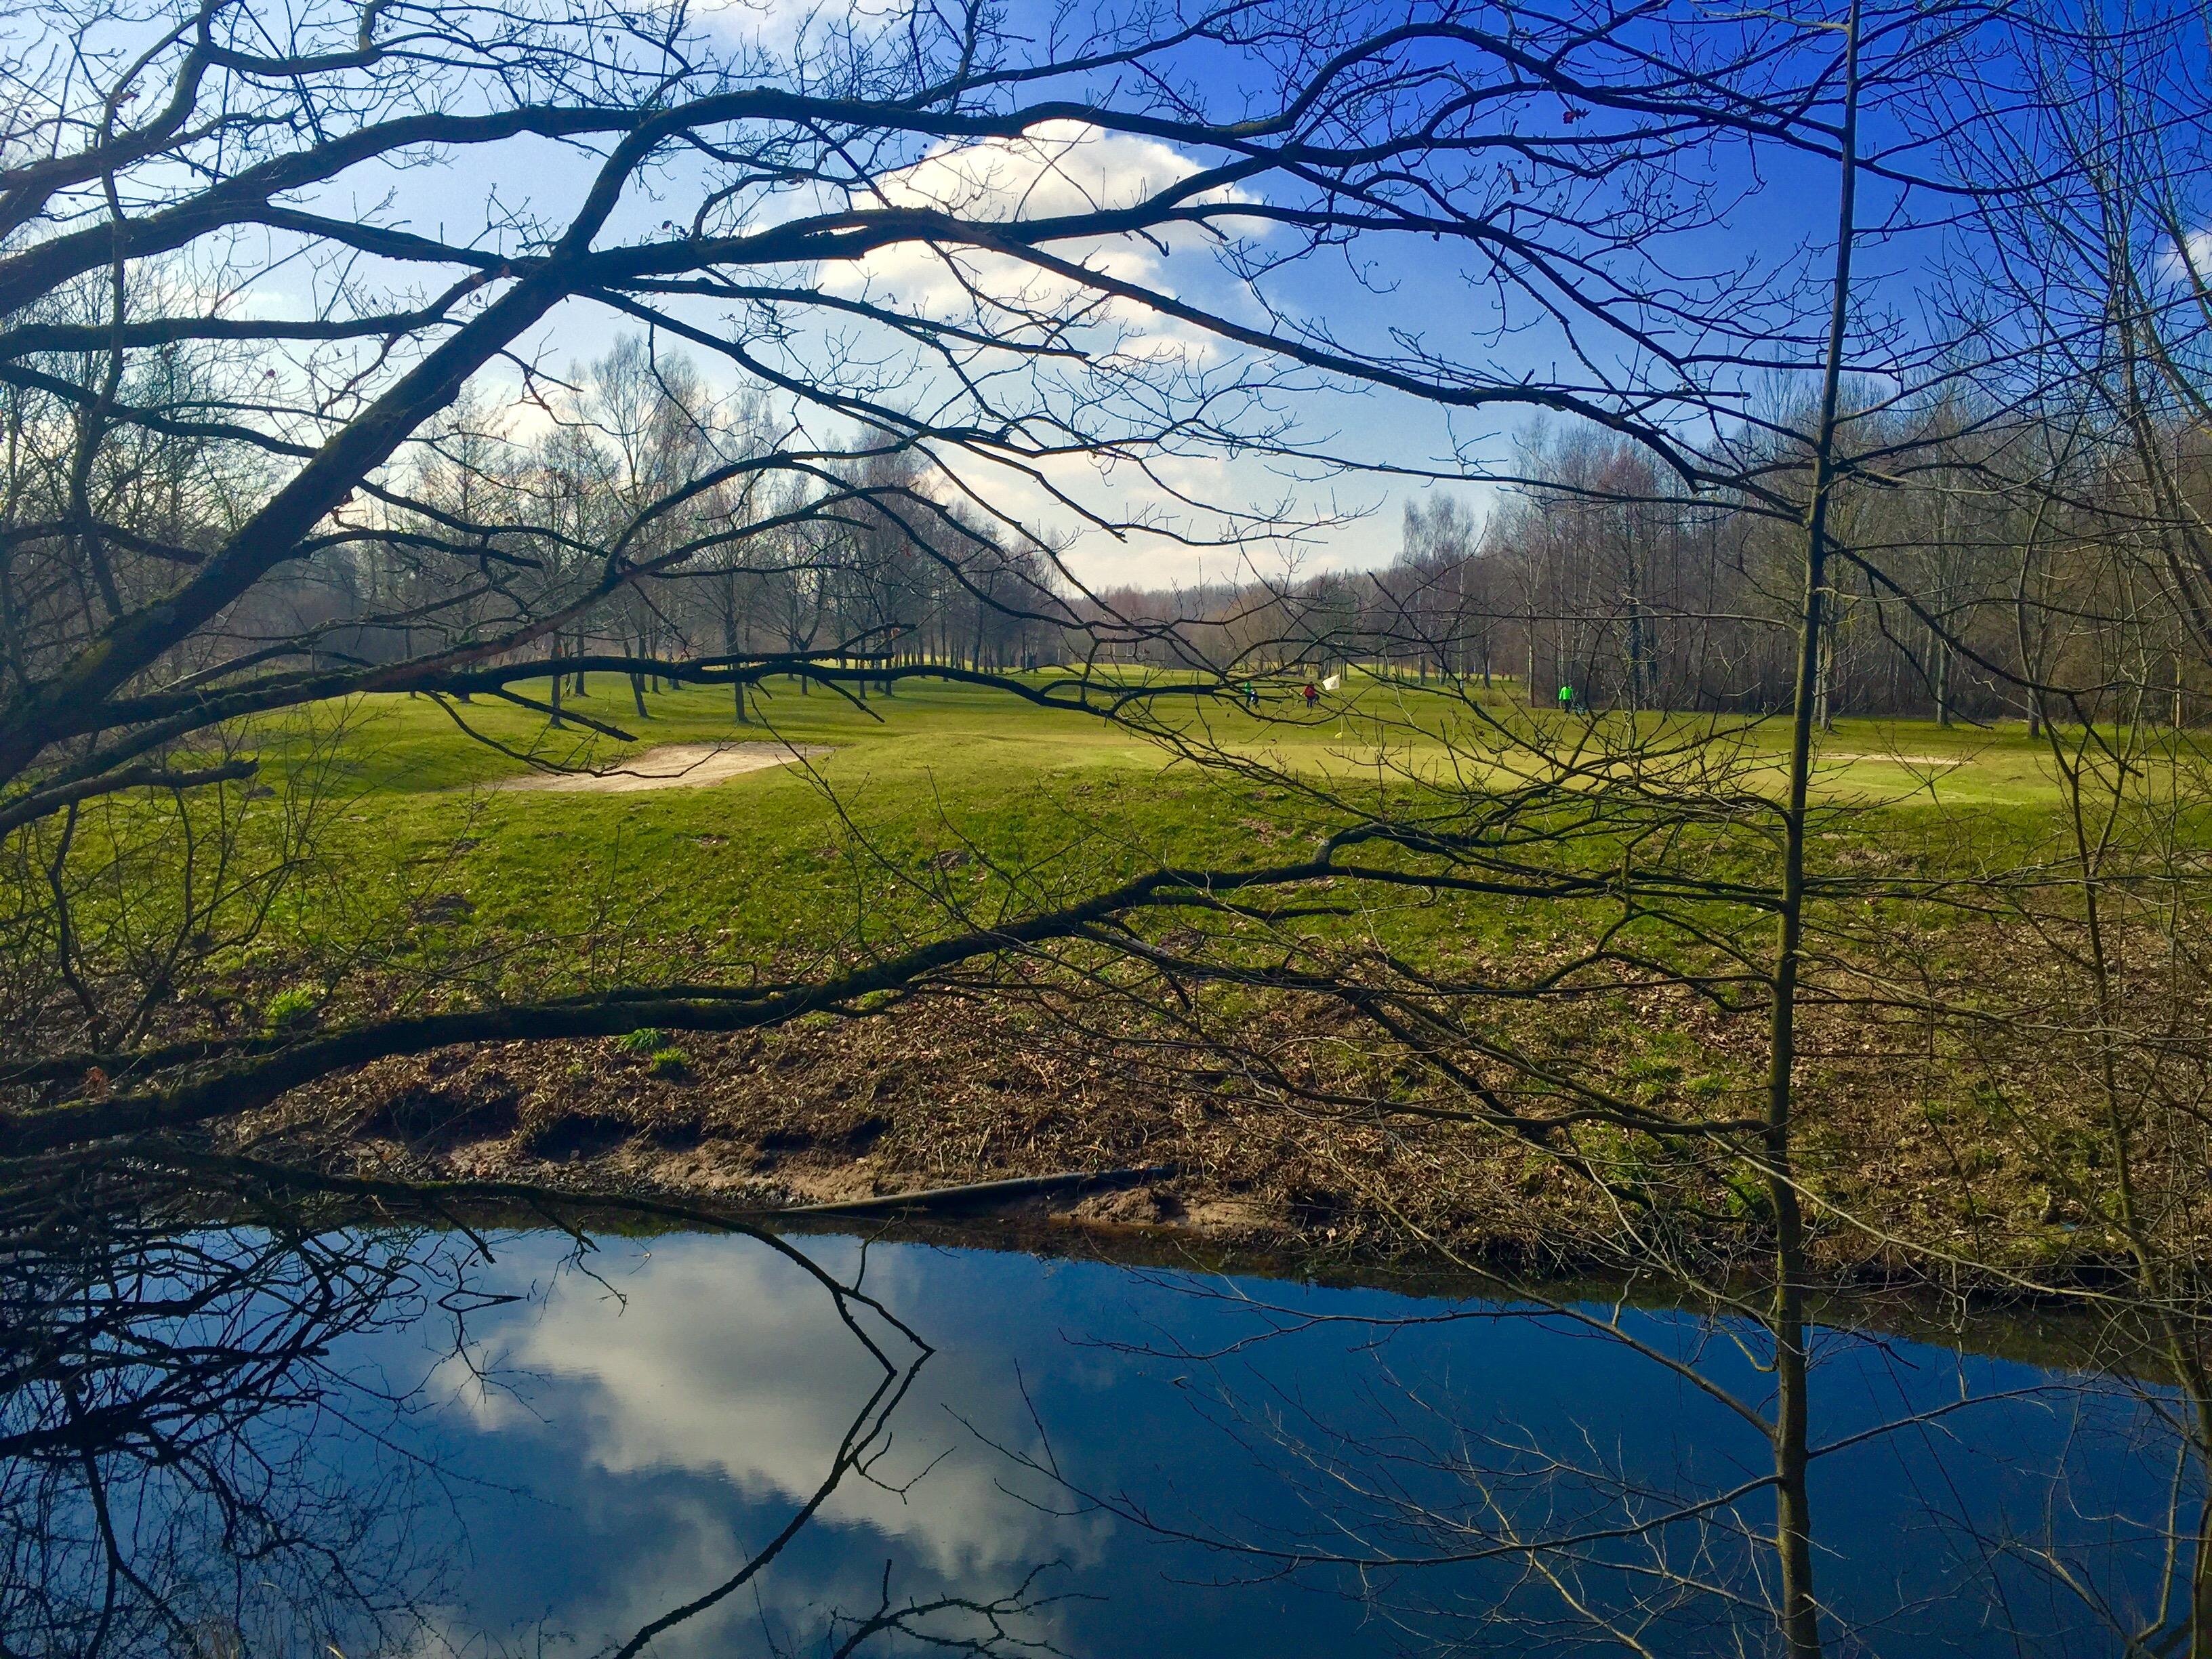 Golfplatz Lippstadt Bad Waldliesborn - Enternungsübersicht Hotel Haus Stallmeister